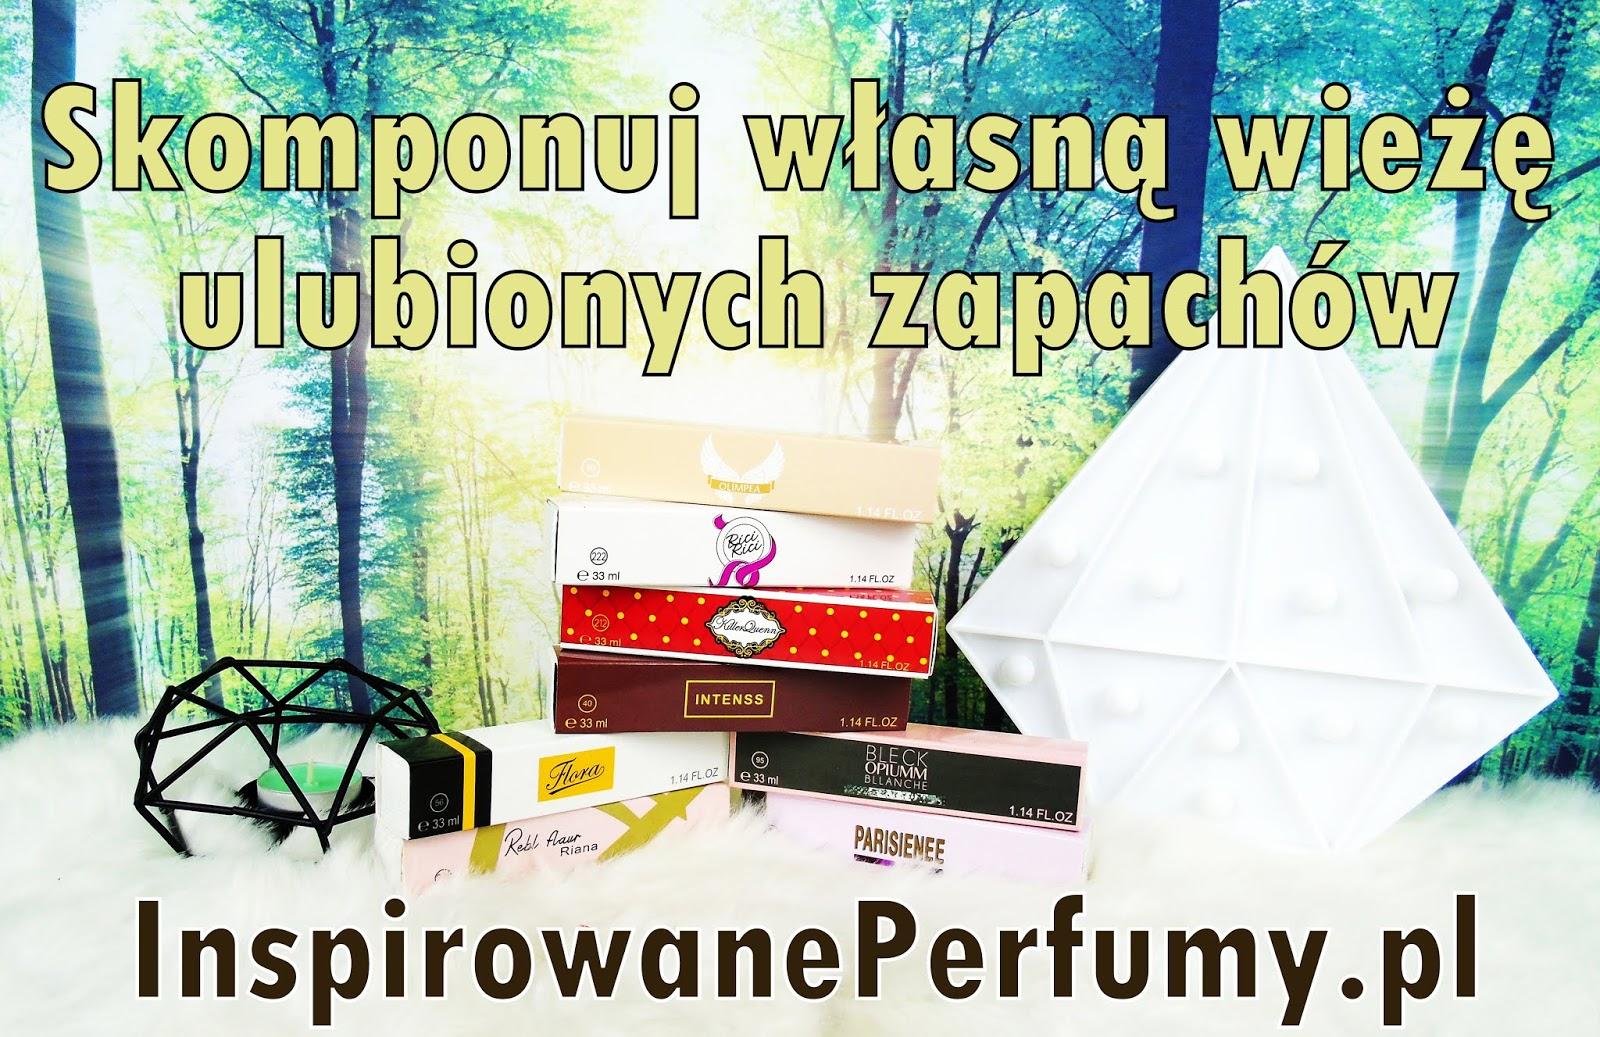 InspirowanePerfumy.pl - Skomponuj własną wieżę ulubionych zapachów.